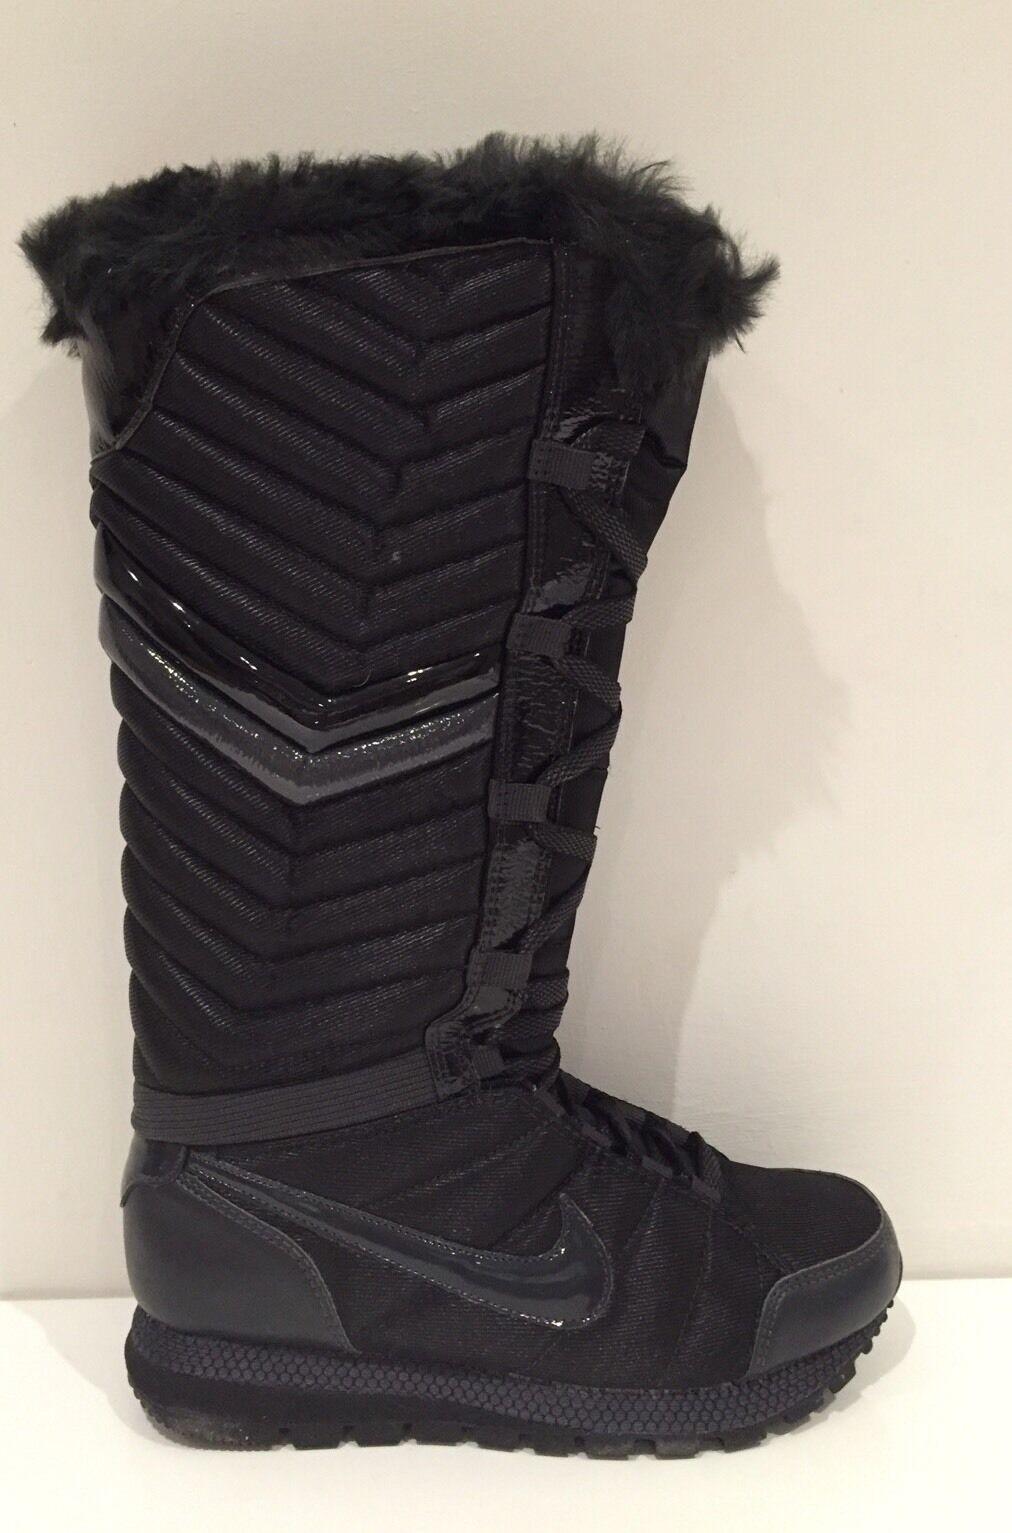 Nike Apres Ski High Größe (uk) 2.5 (uk) Größe BNIB d5489d